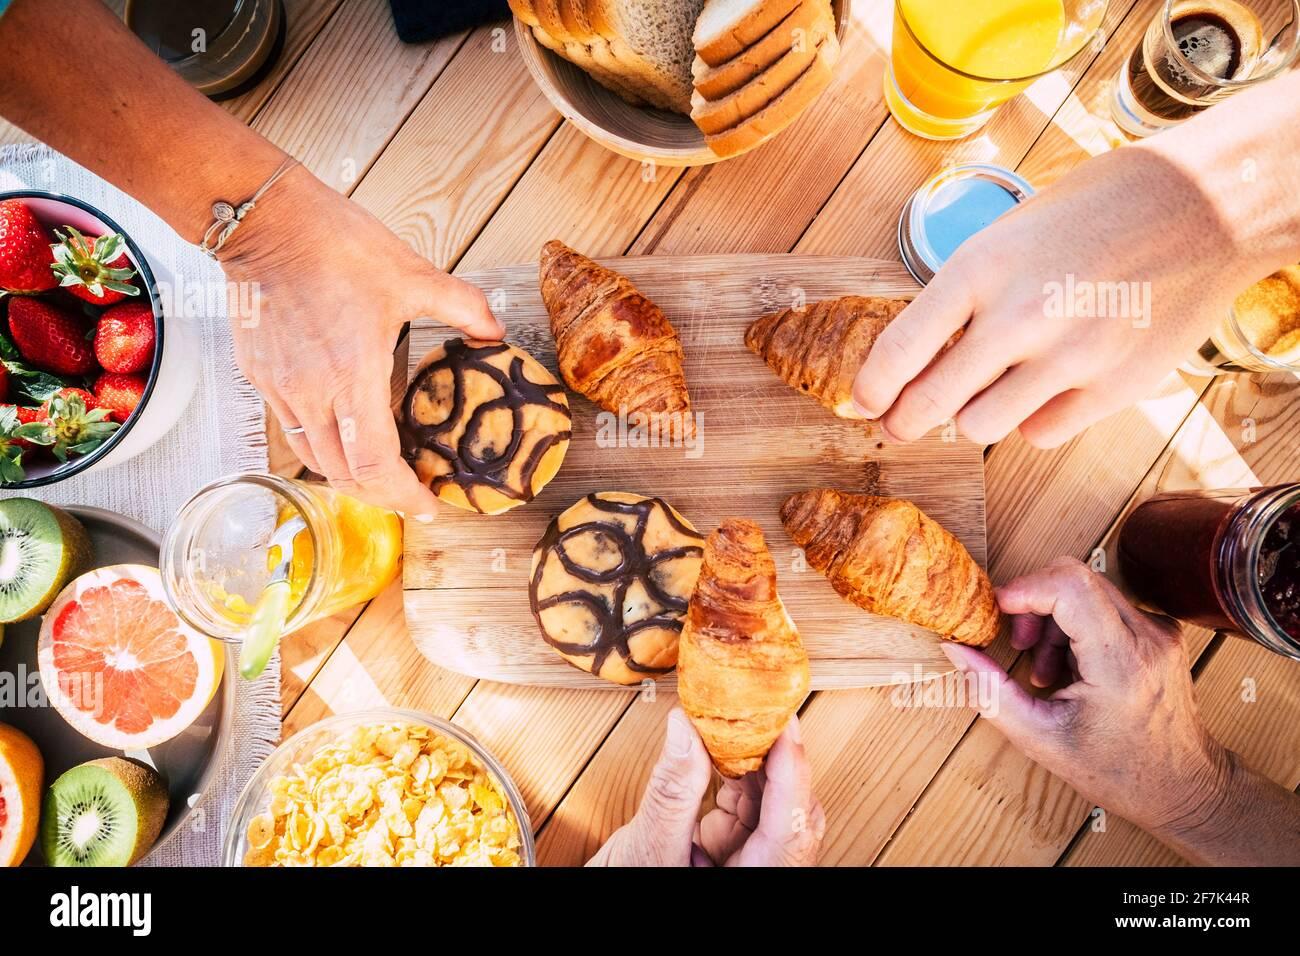 Vue de dessus de la table avec la nourriture du petit déjeuner et les personnes qui mangent ensemble dans l'amitié - heure du matin en famille et boulangerie fraîche croissant - vue rapprochée des mains pi Banque D'Images